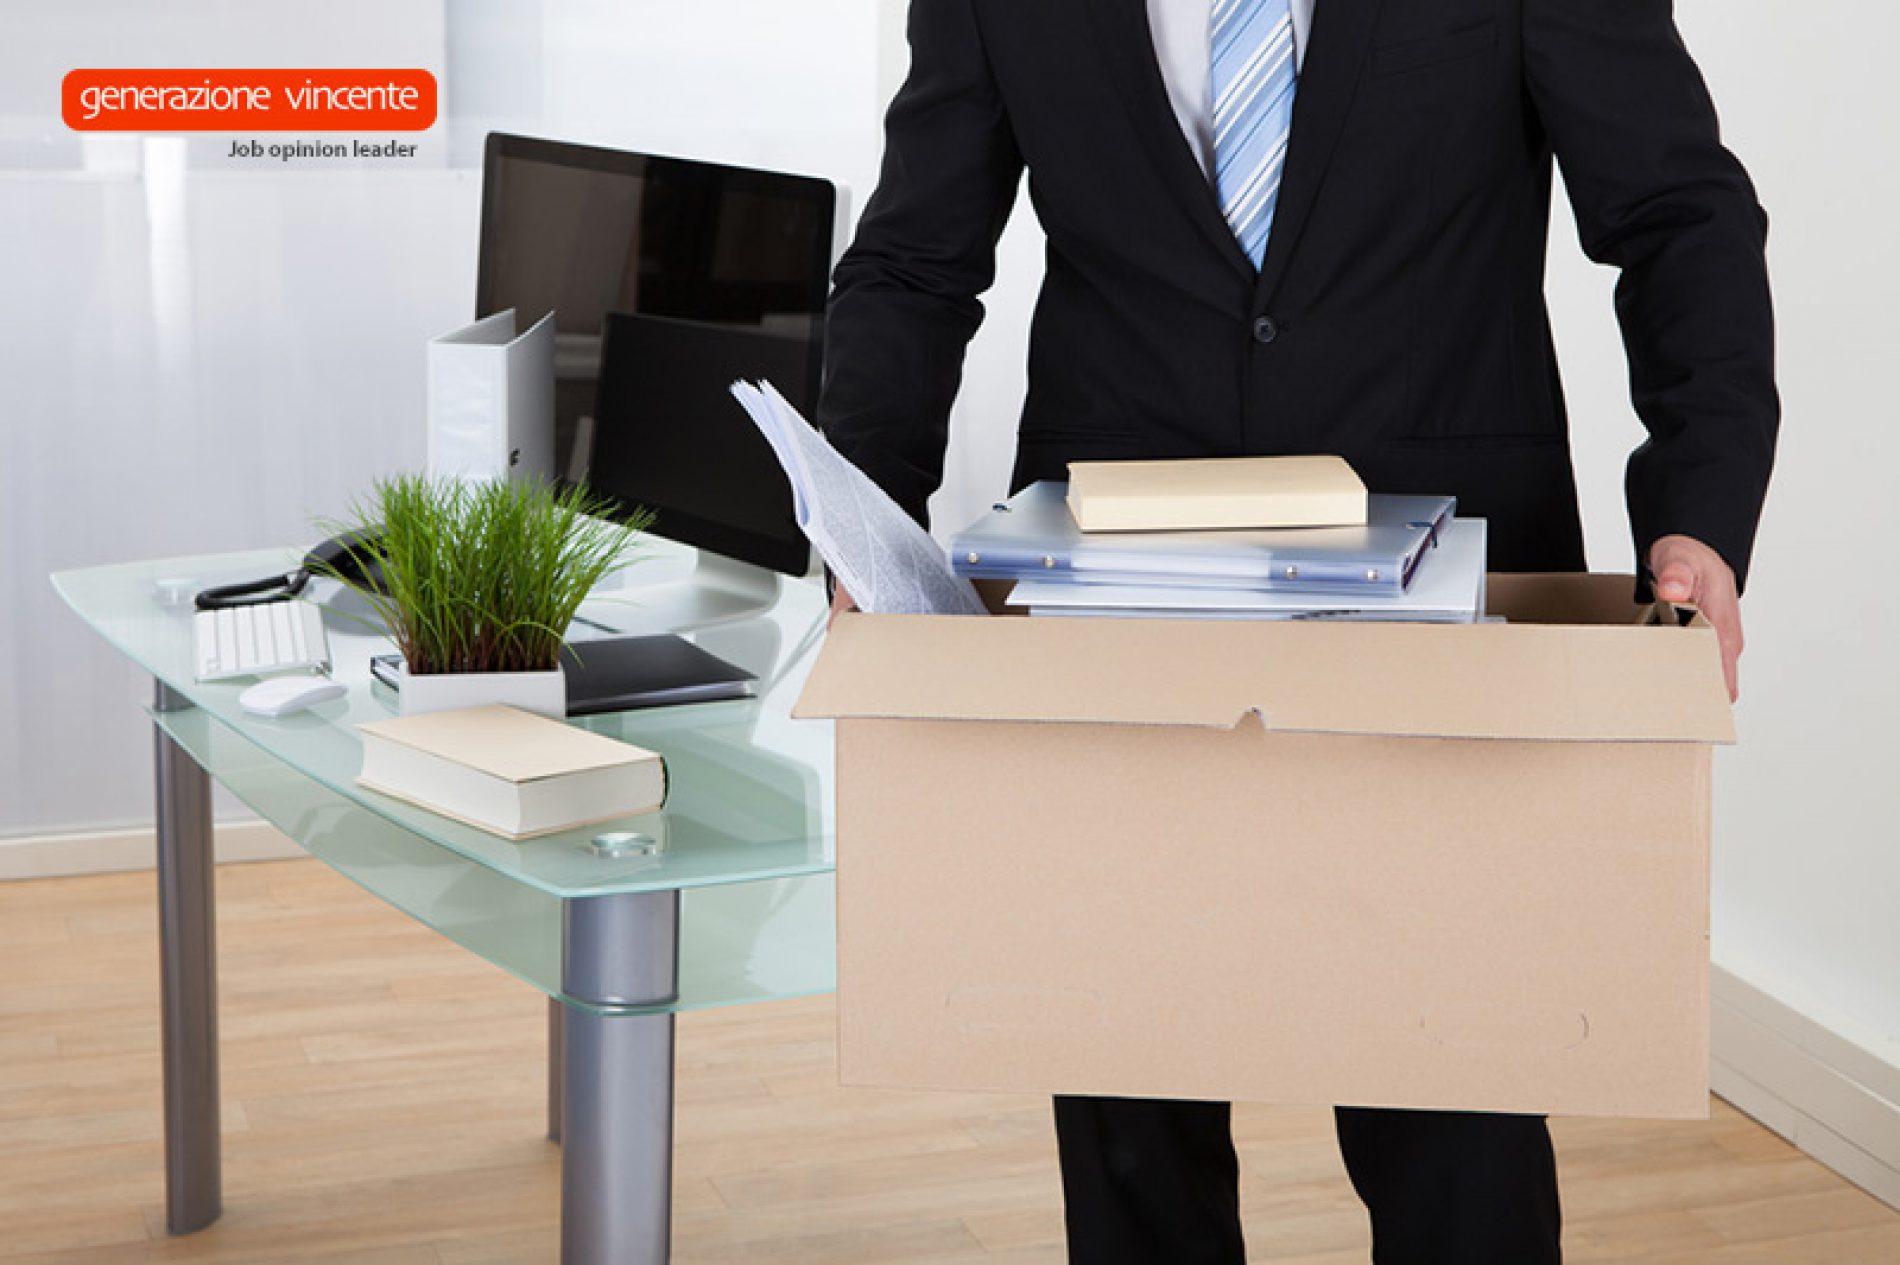 Dimissioni volontarie e risoluzione consensuale: cosa cambia? [E.Massi]